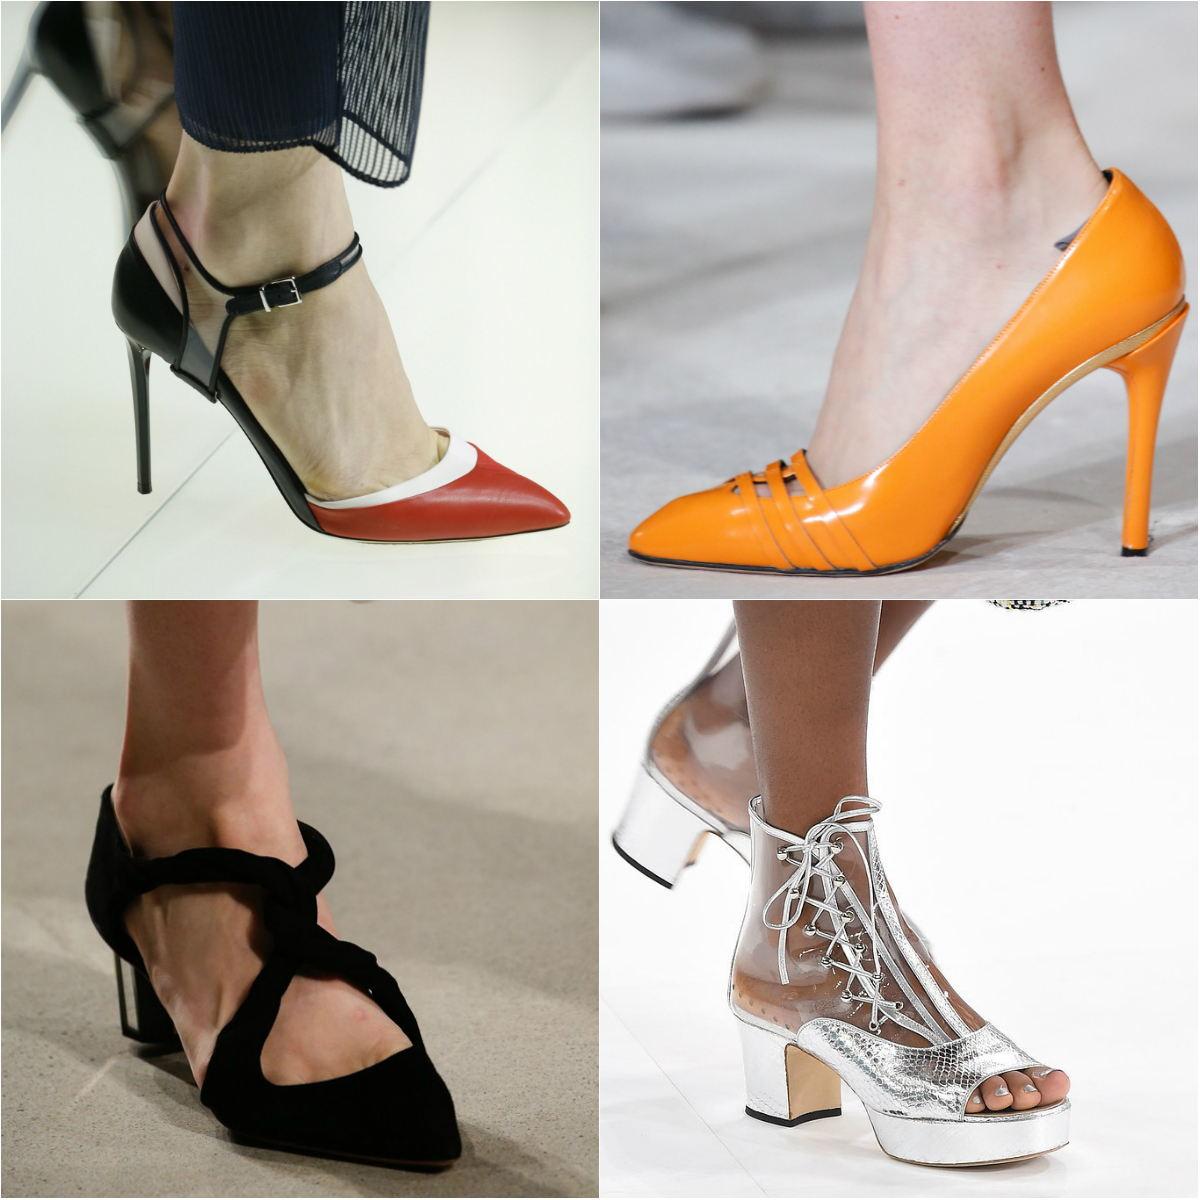 Модні жіночі туфлі весна-літо 2017 фото мають розмаїття моделей 8dbeeea36308f